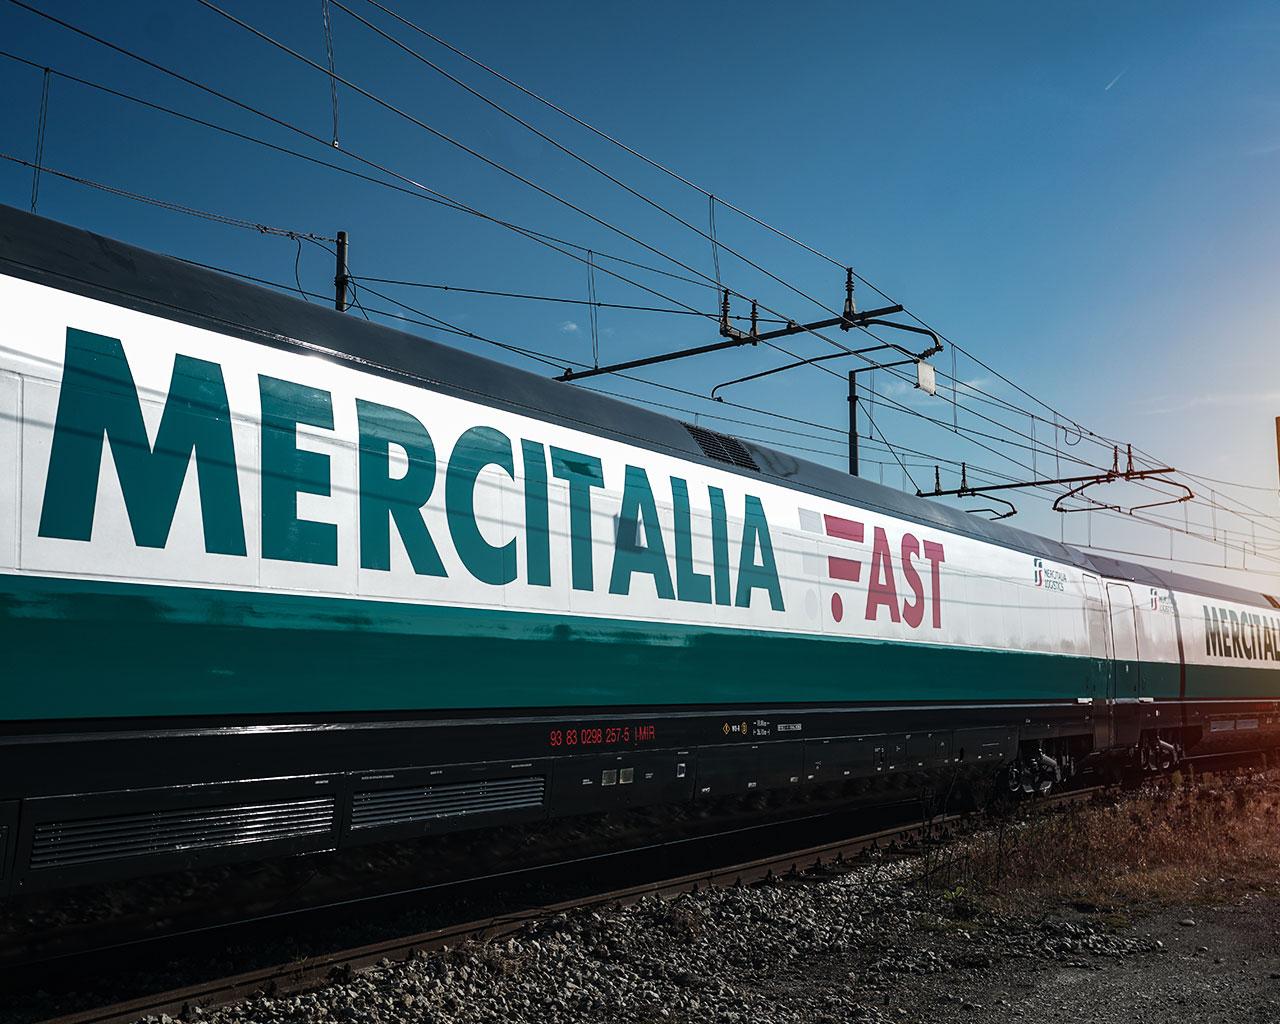 Szybki pociąg cargo może być poważną konkurencją dla ciężarówek